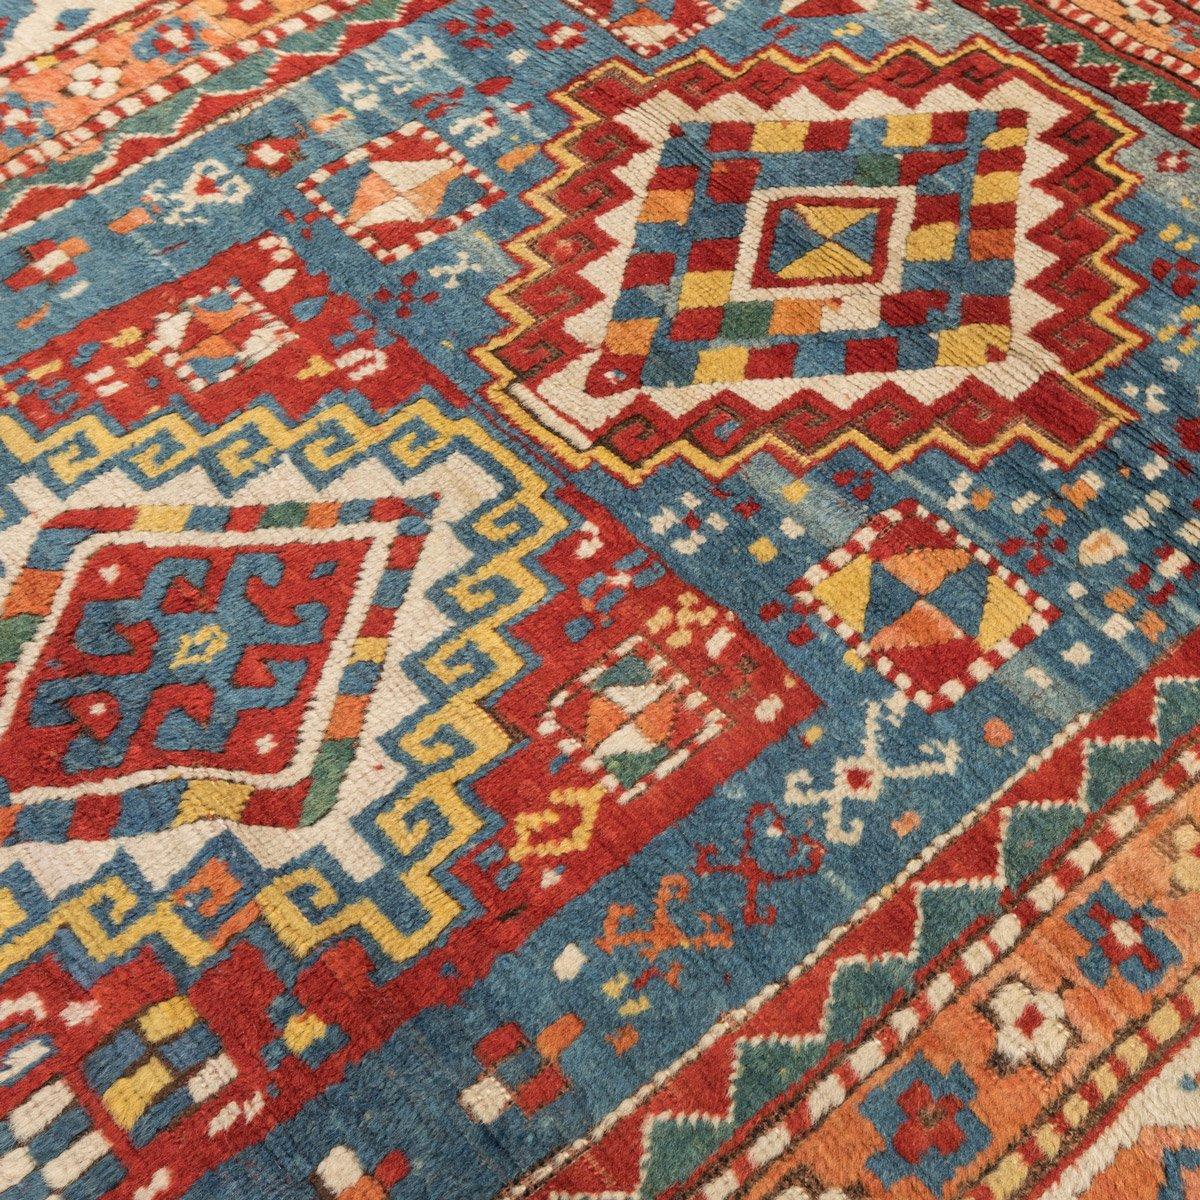 Wolle Zum Teppich Häkeln Textilgarn And Dicke Wolle Ideen Zum